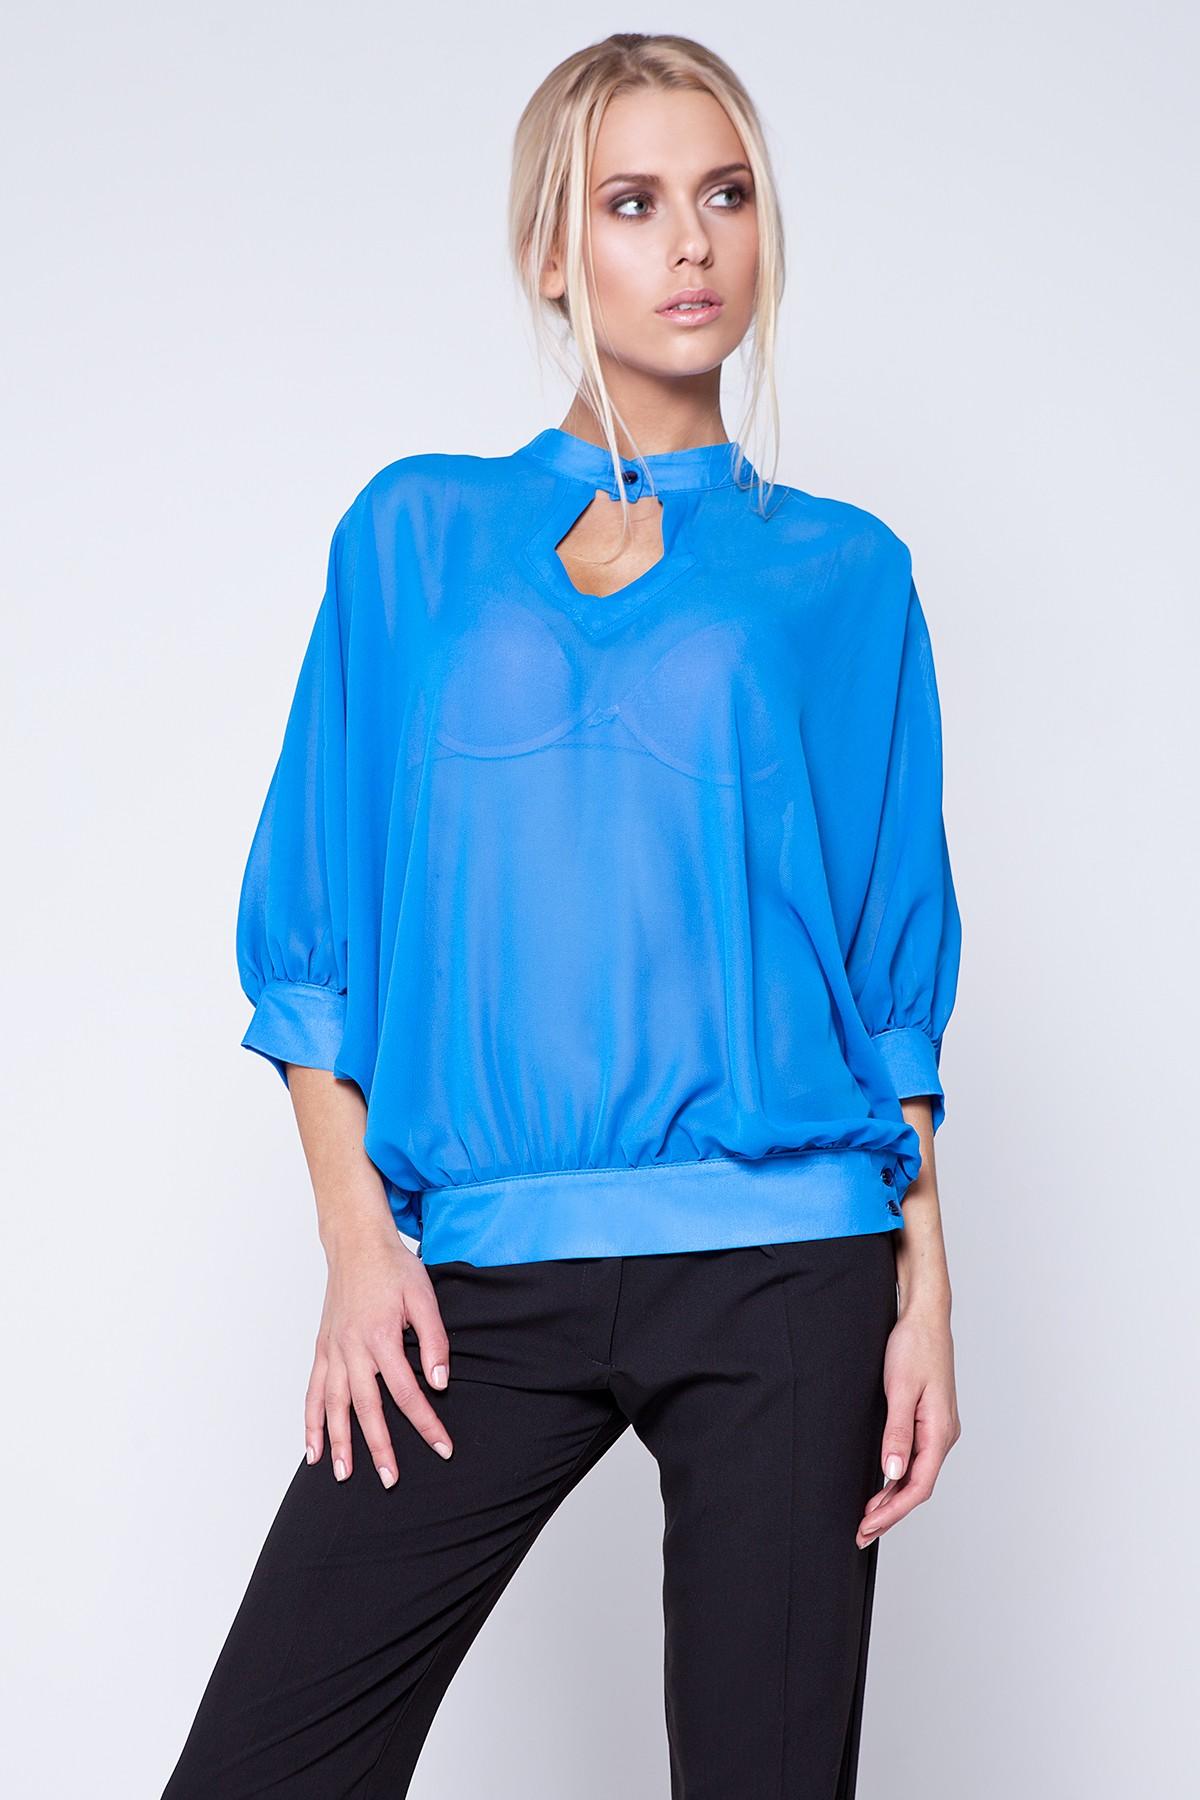 Купить Недорого Шифоновую Блузку